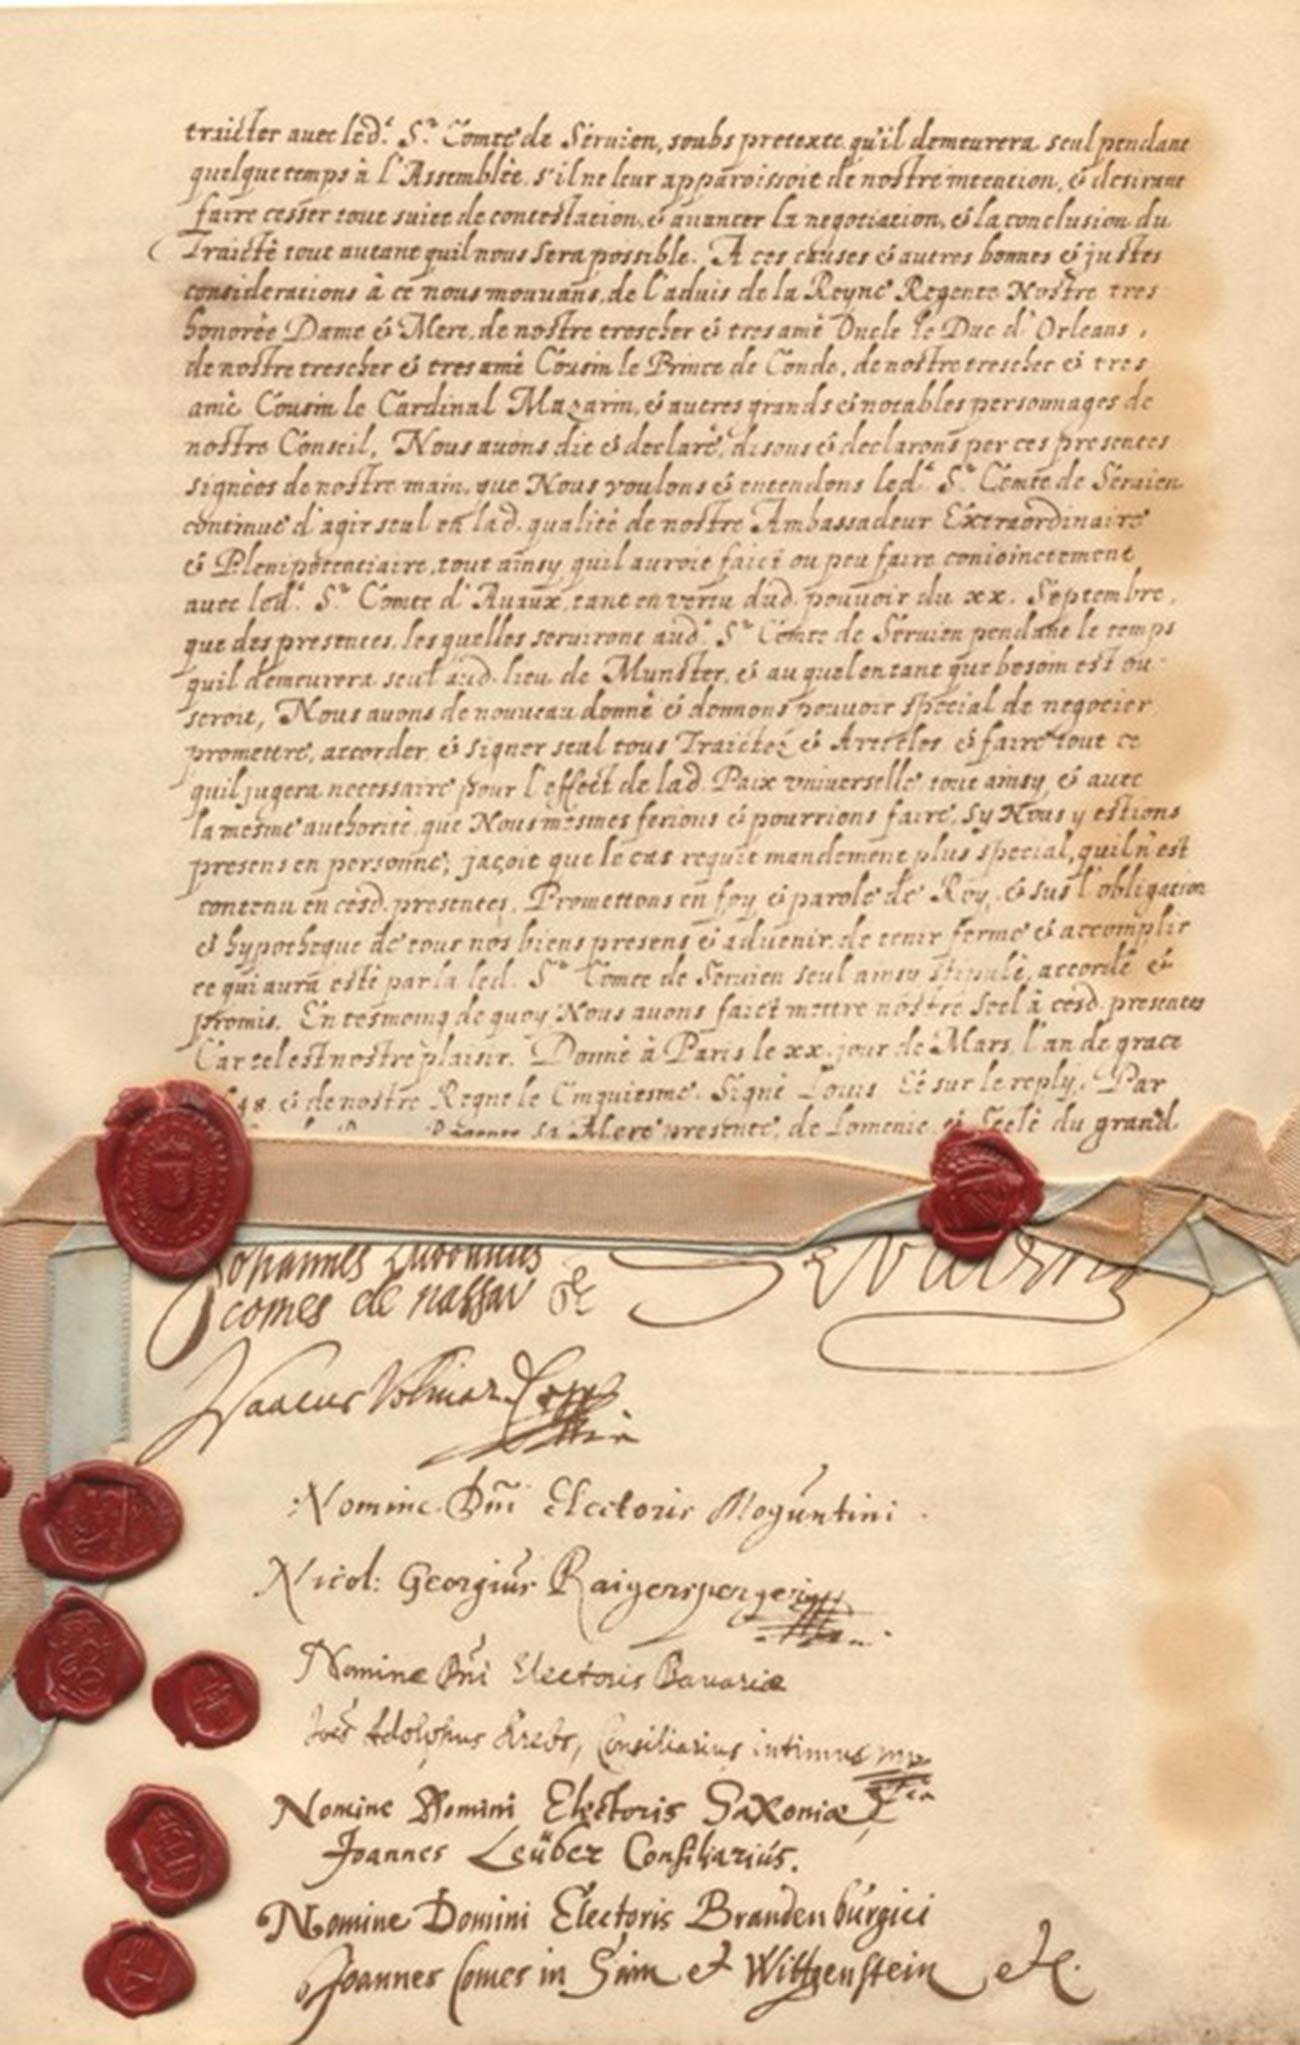 A última página dos Tratados da Paz de Vestfália, escrita em francês.